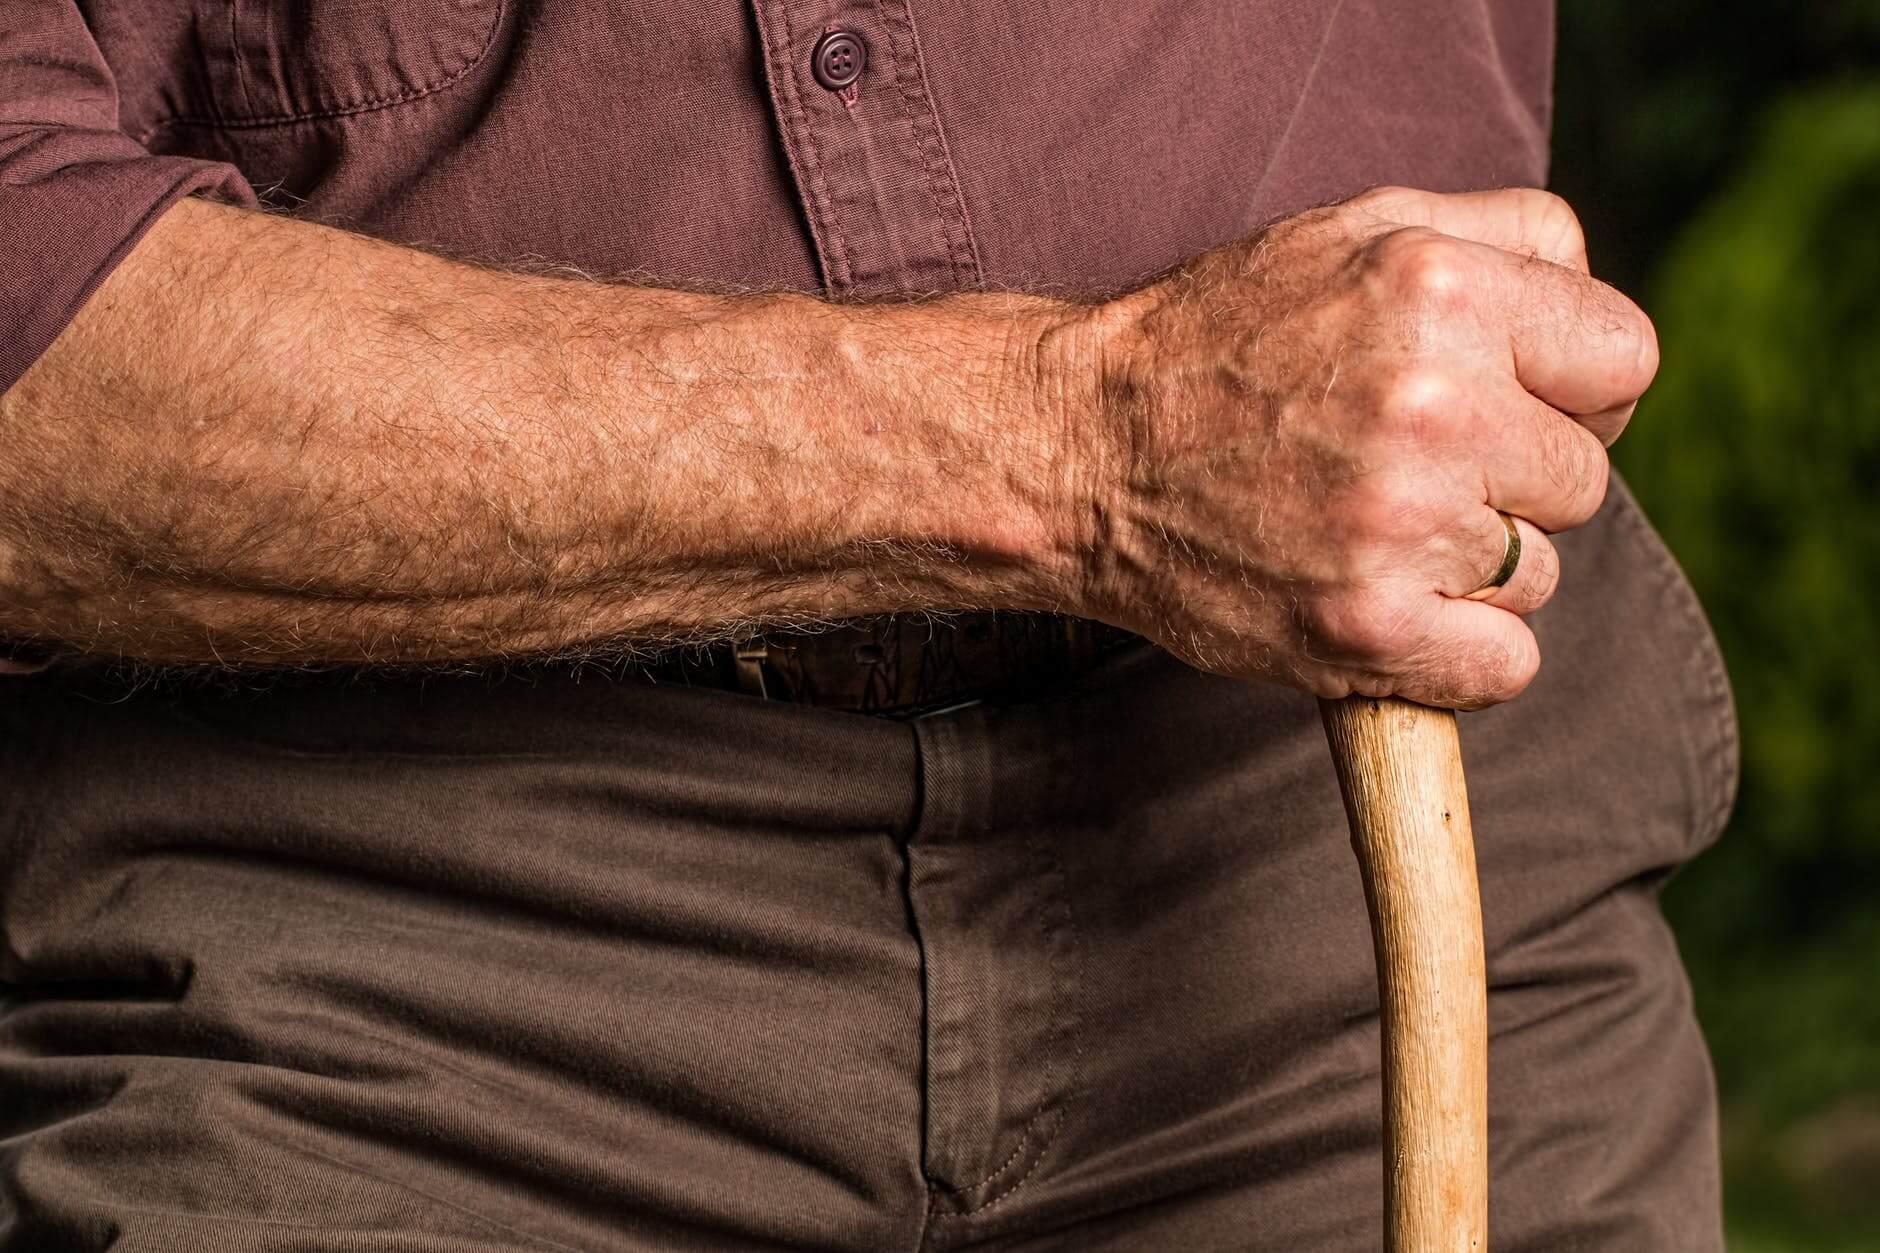 Bole vas zglobovi? Doznajte razlog i kako se liječiti